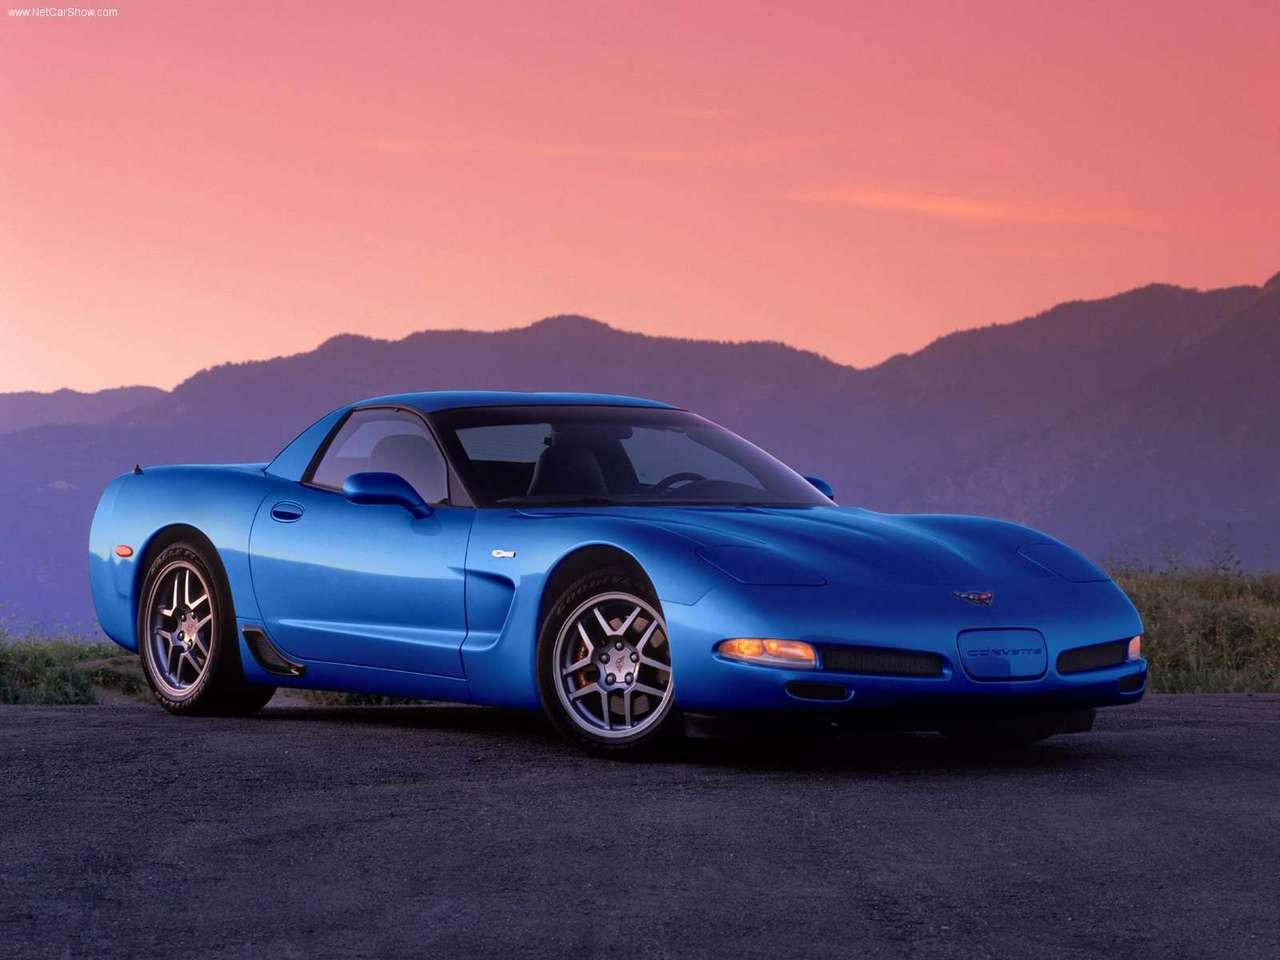 http://2.bp.blogspot.com/-VtGxxcFQZAc/TYgxfrYBrSI/AAAAAAAAN_g/VbhYZ2VDvF8/s1600/Chevrolet-Corvette_Z06_2002_1280x960_wallpaper_01.jpg